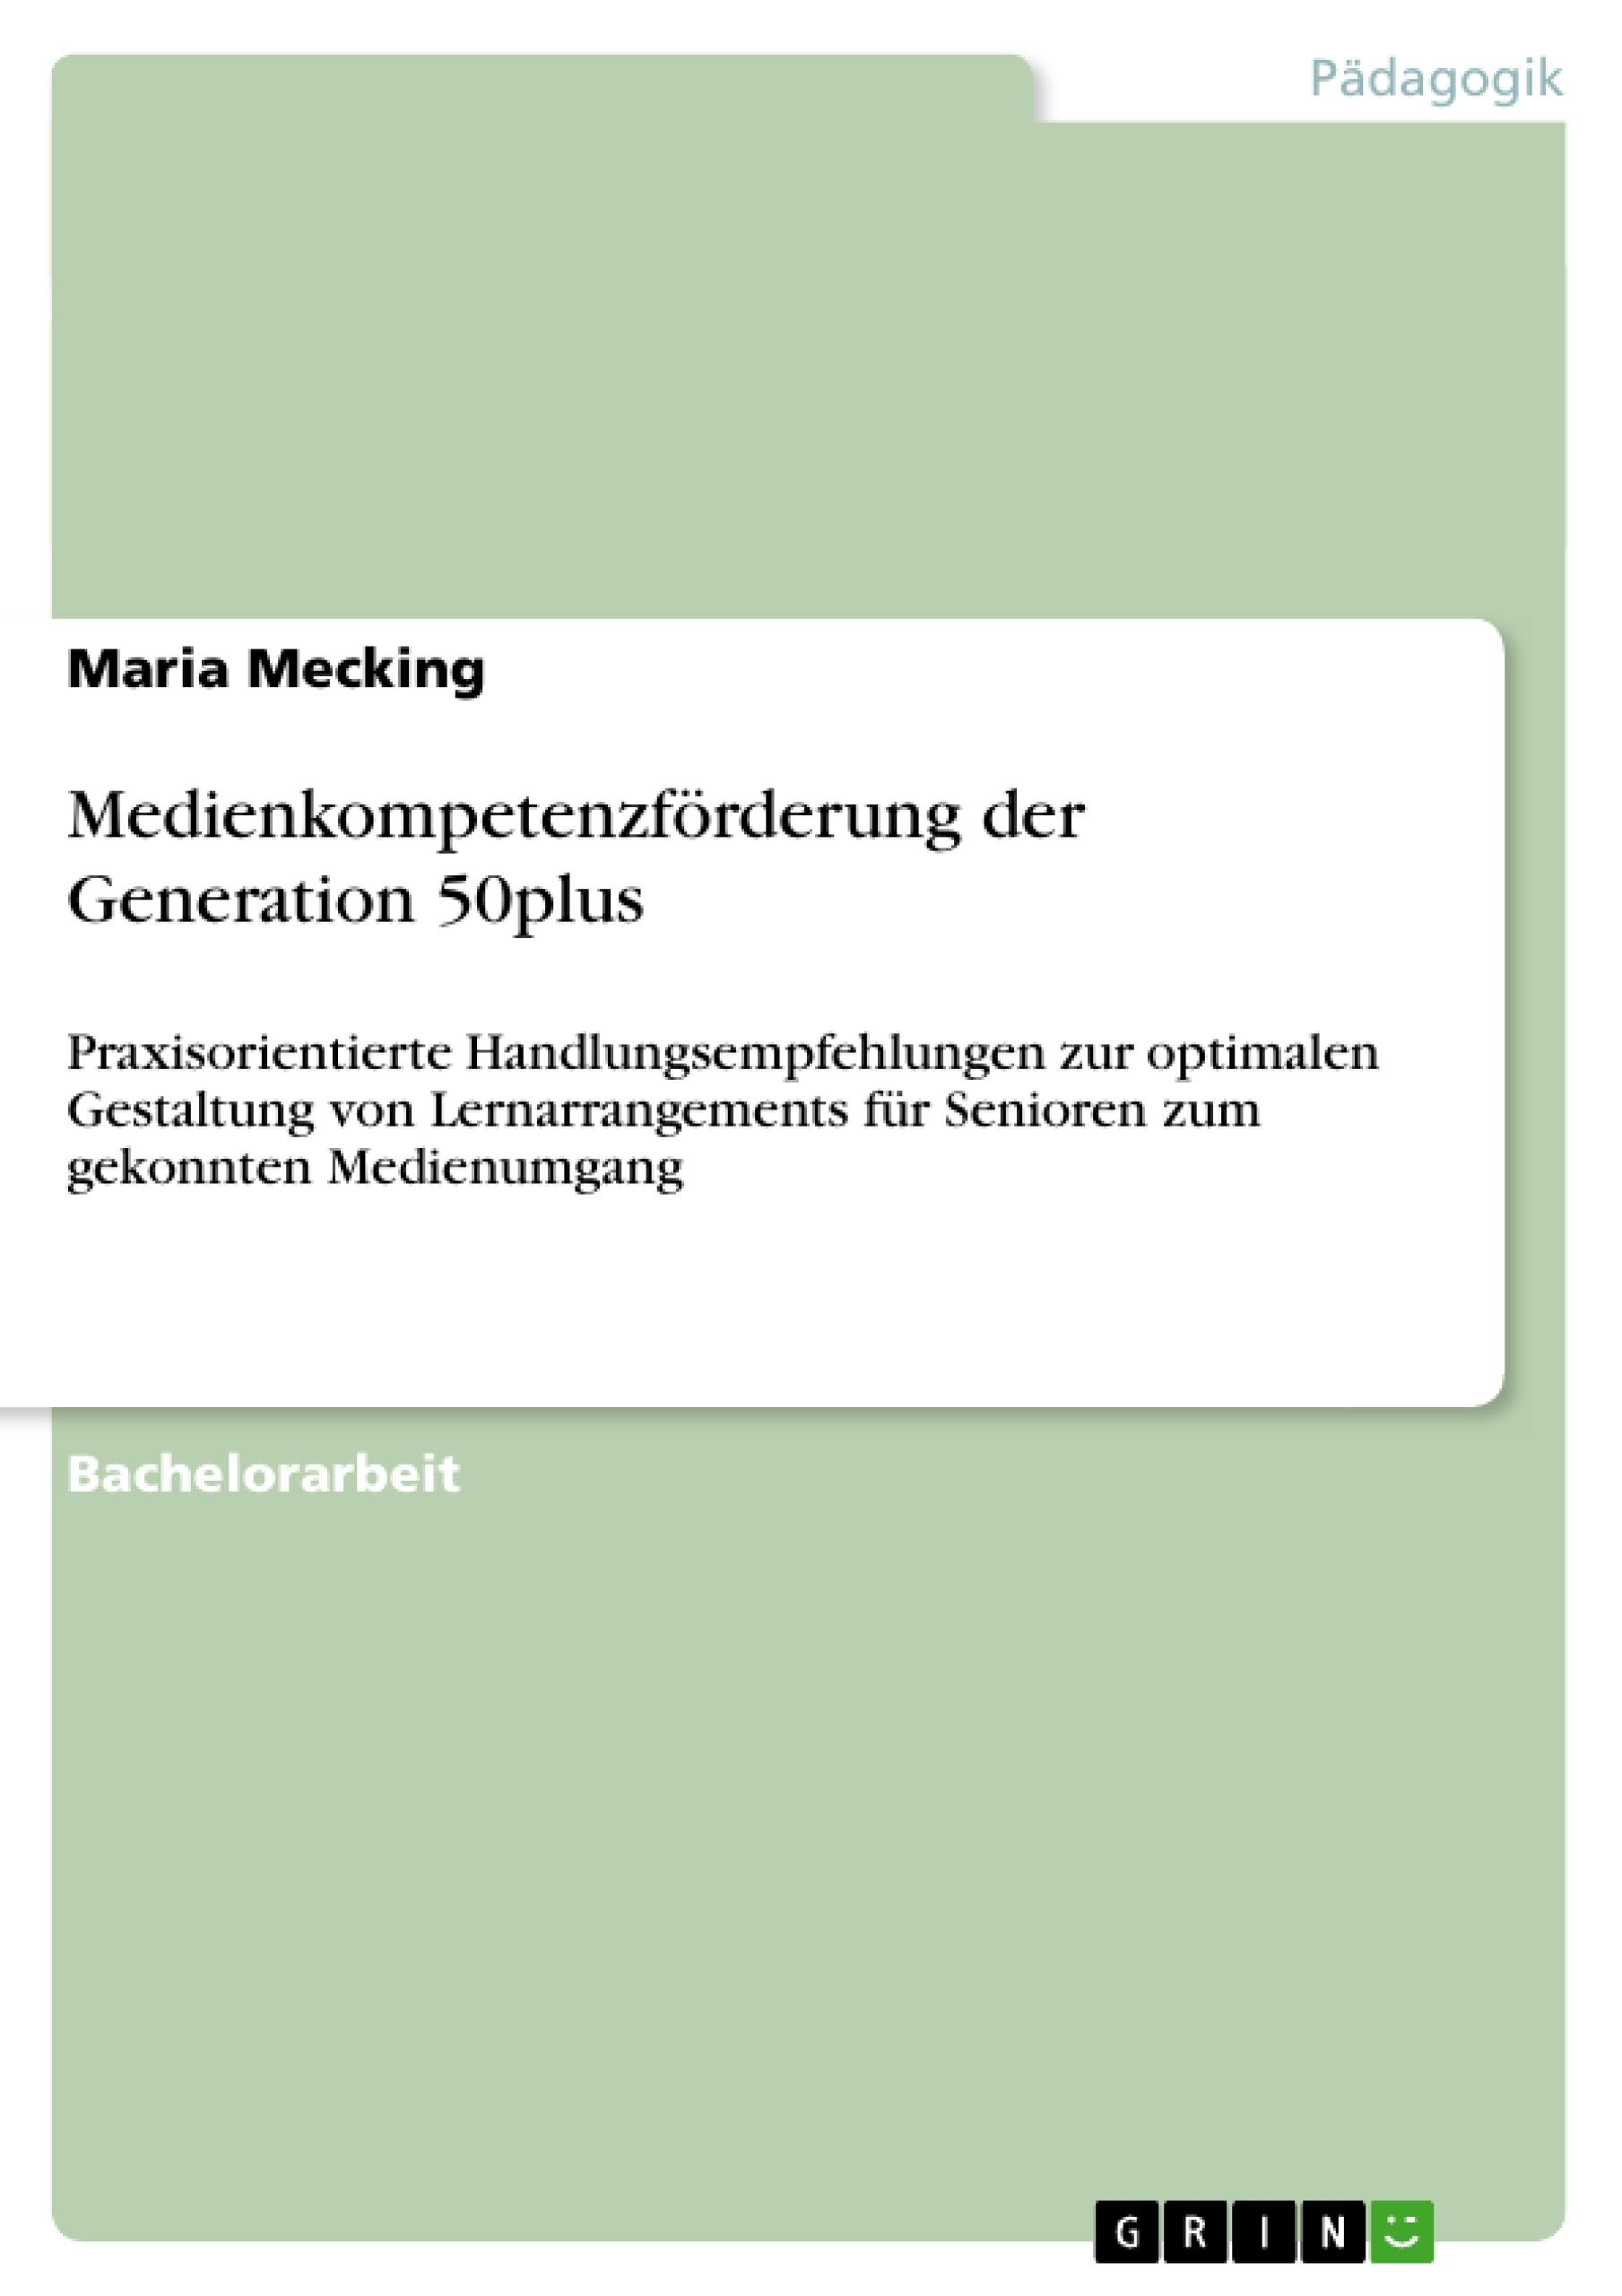 Titel: Medienkompetenzförderung der Generation 50plus